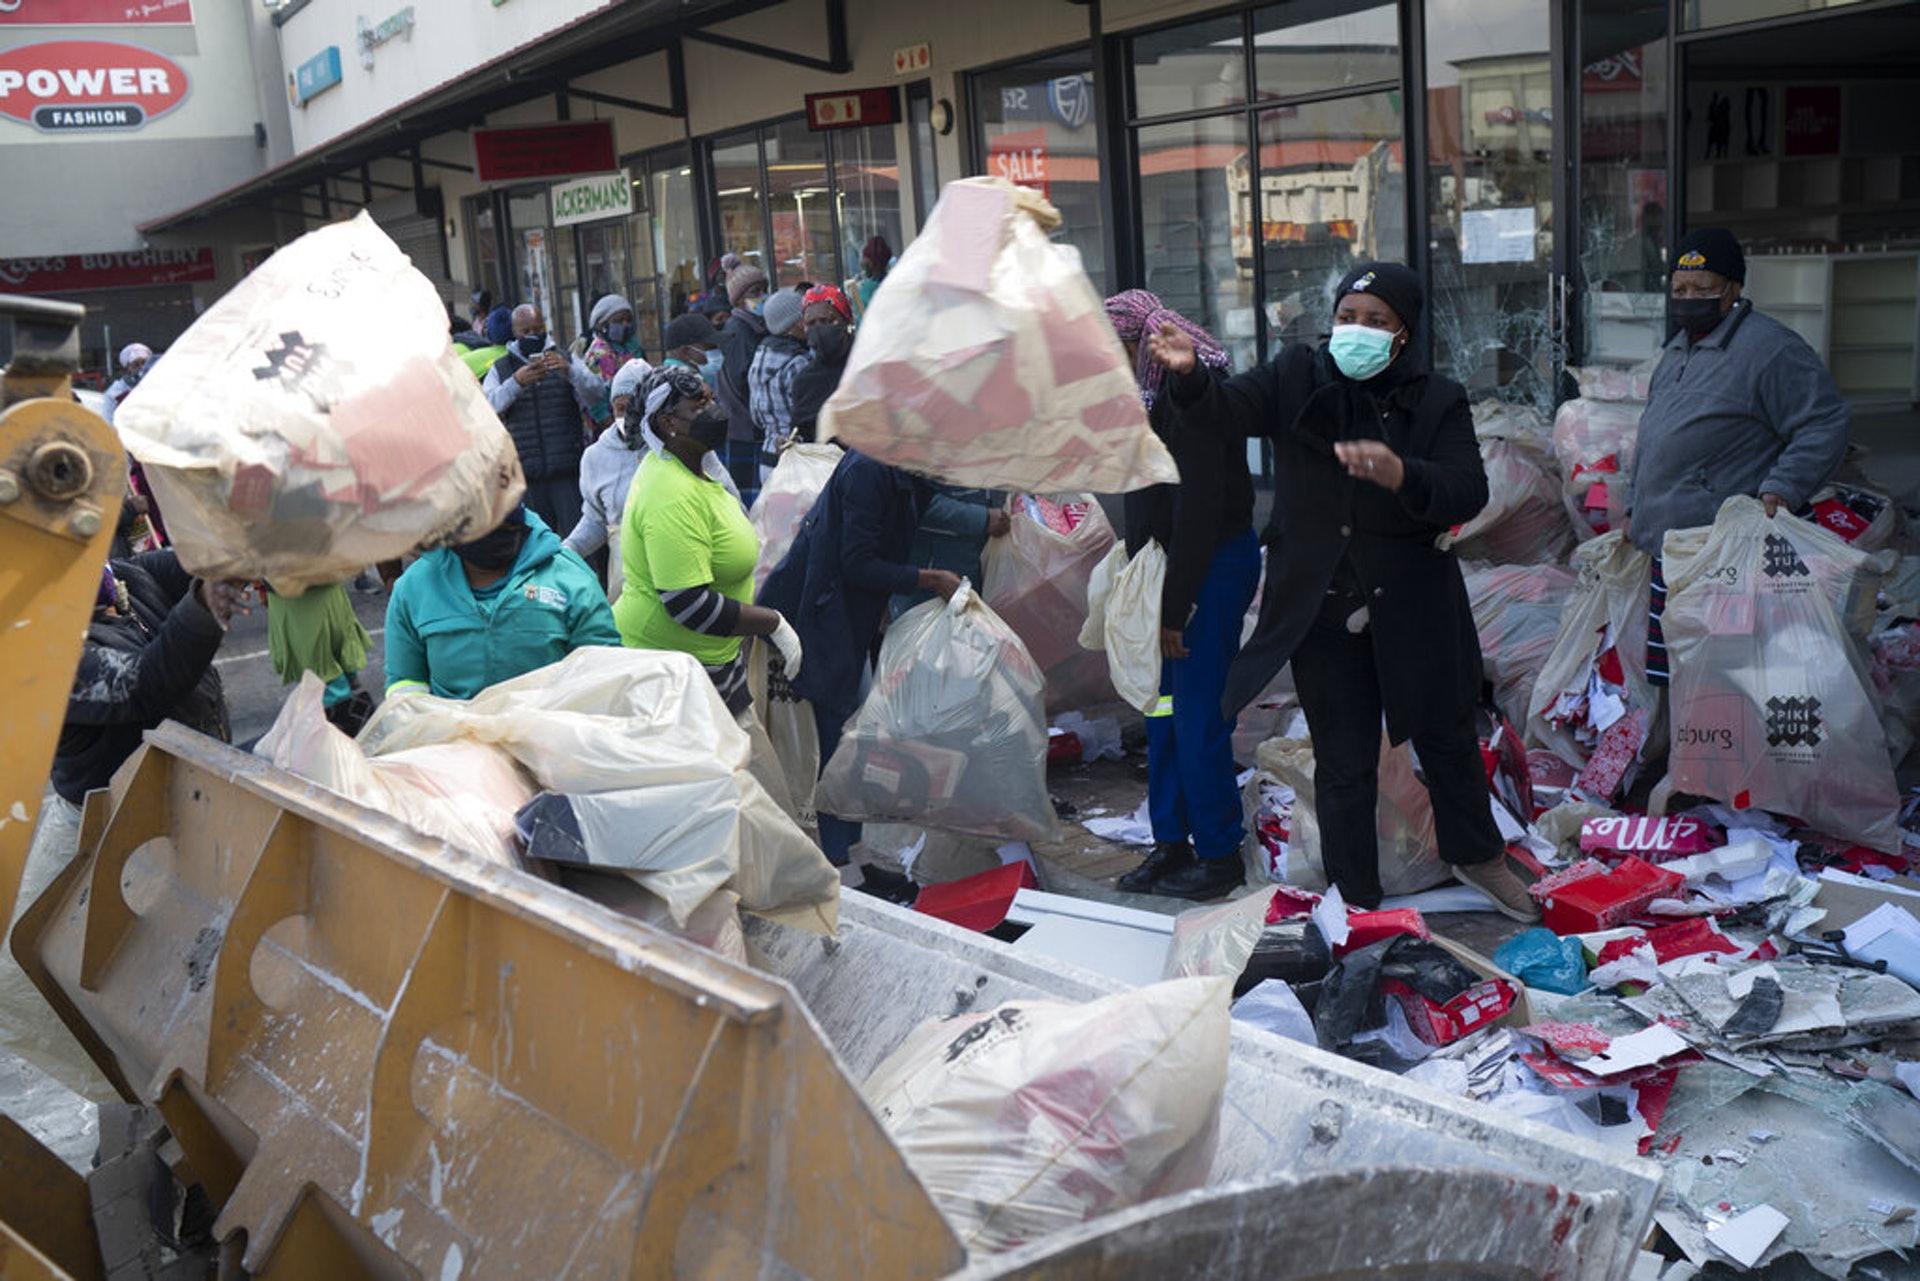 史无前例大骚乱:南非到底在发生着什么?